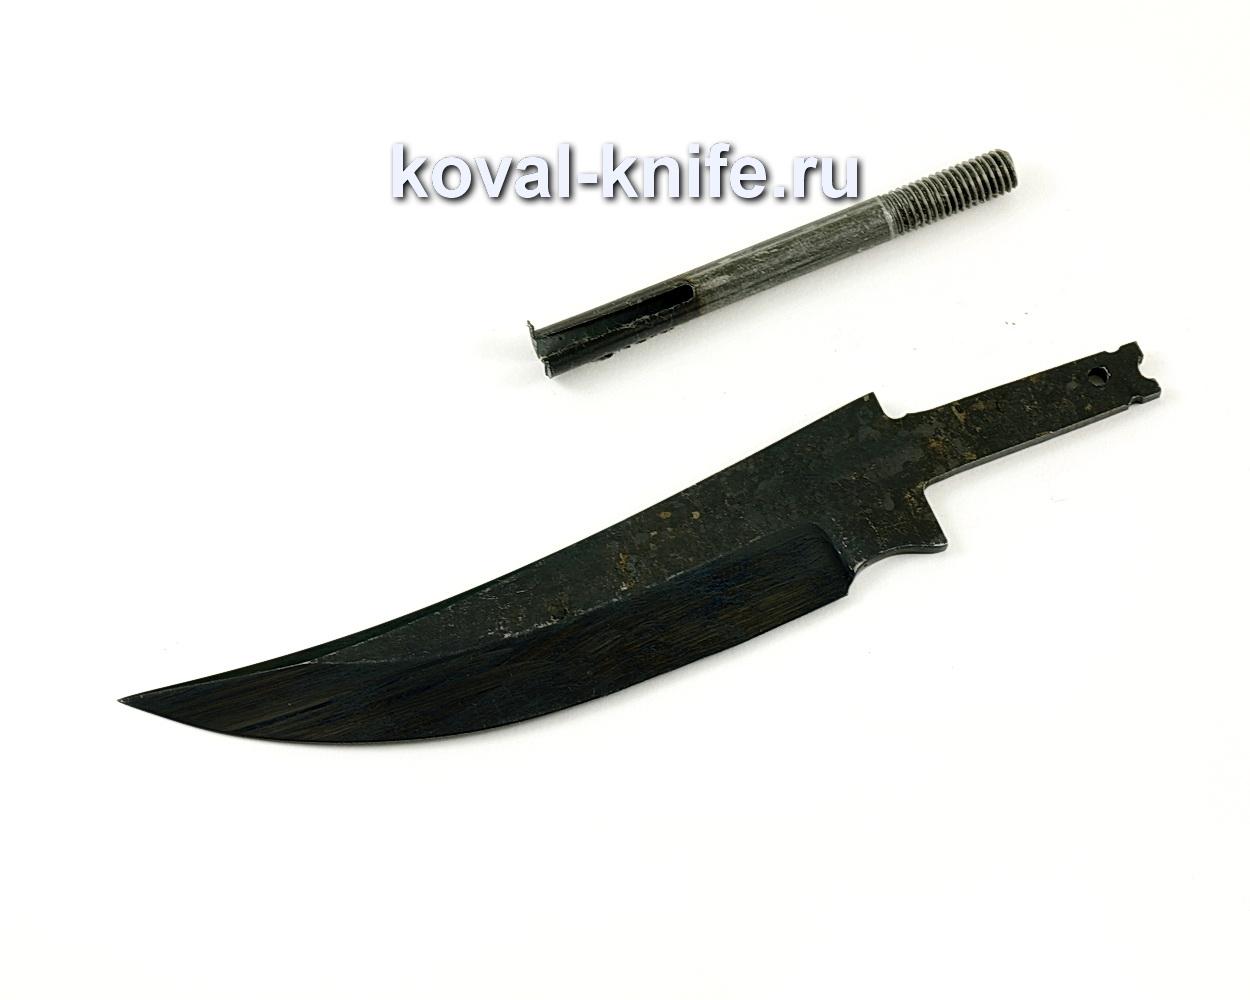 Клинок для ножа Ворон (кованая сталь У10)